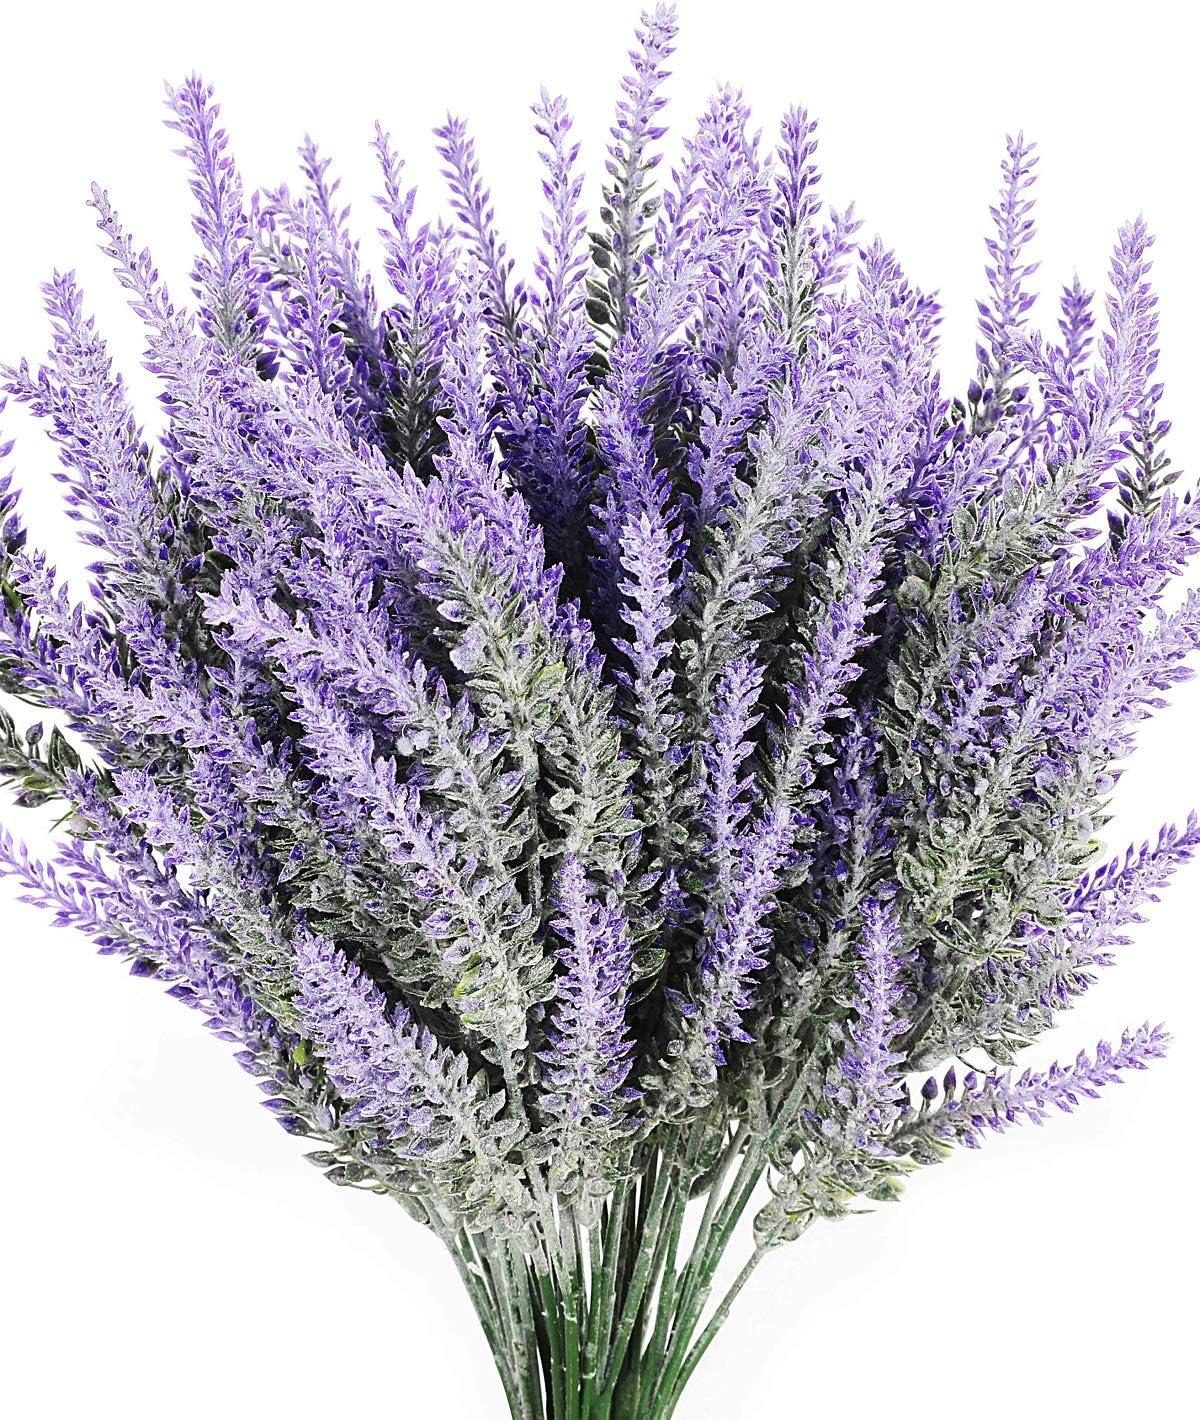 Luyue 8PCS Artificial Lavender Flowers Bouquet Fake Lavender Plant Bundle for Wedding Home Decor Garden Patio Decoration